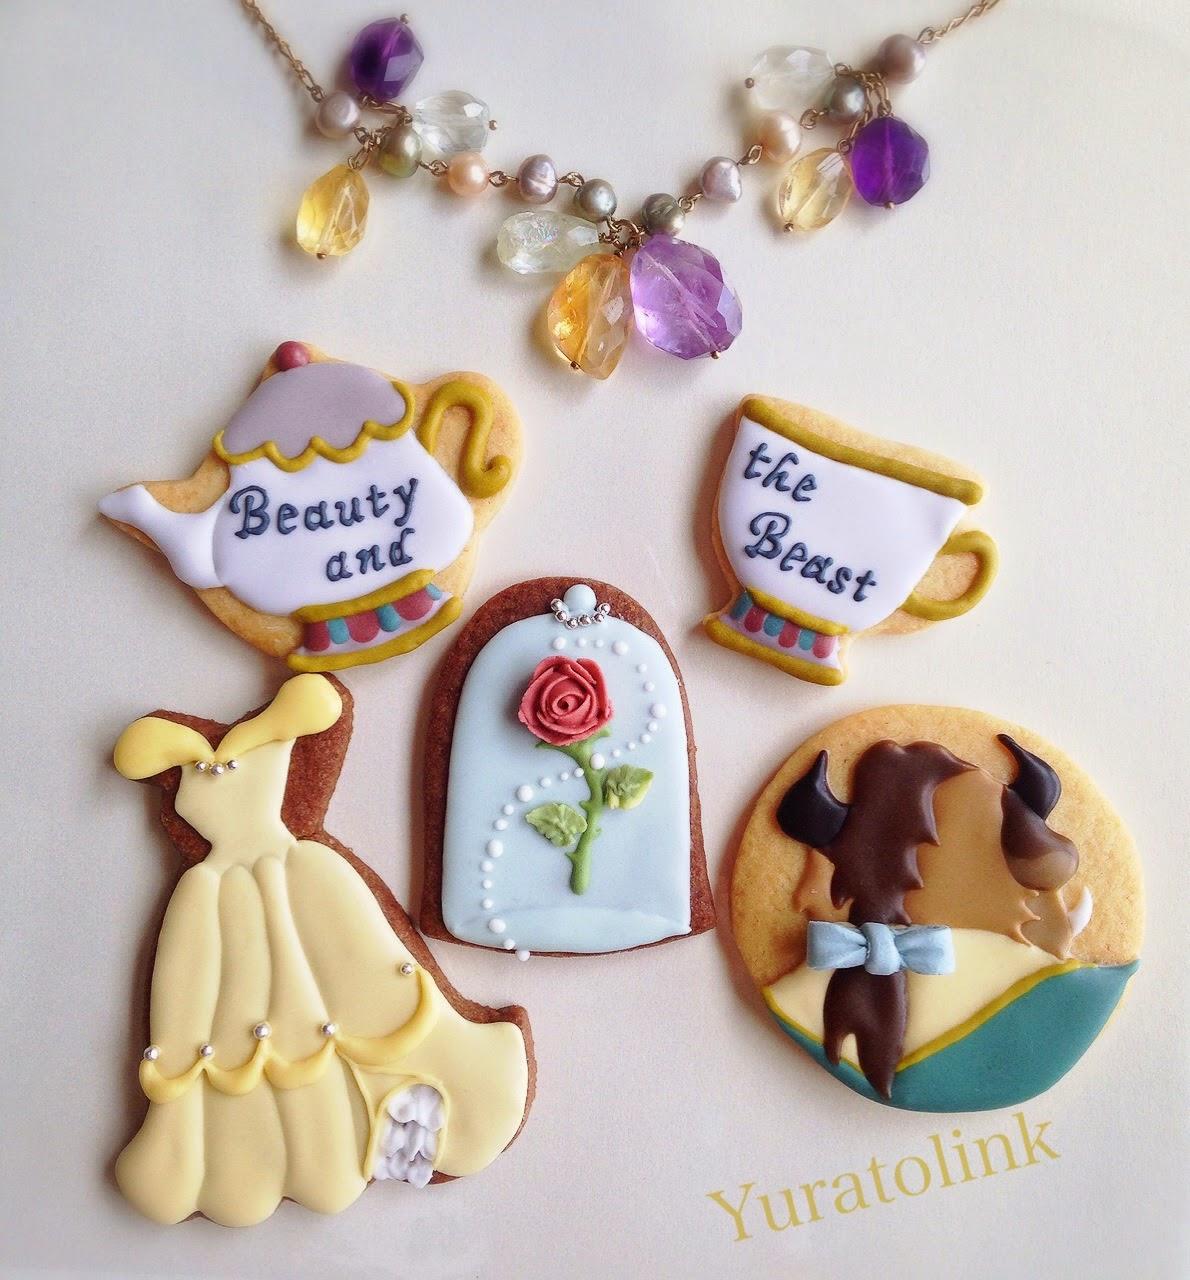 物語シリーズ第三話「美女と野獣のアイシングクッキー」のサンプルが仕上がりました♪